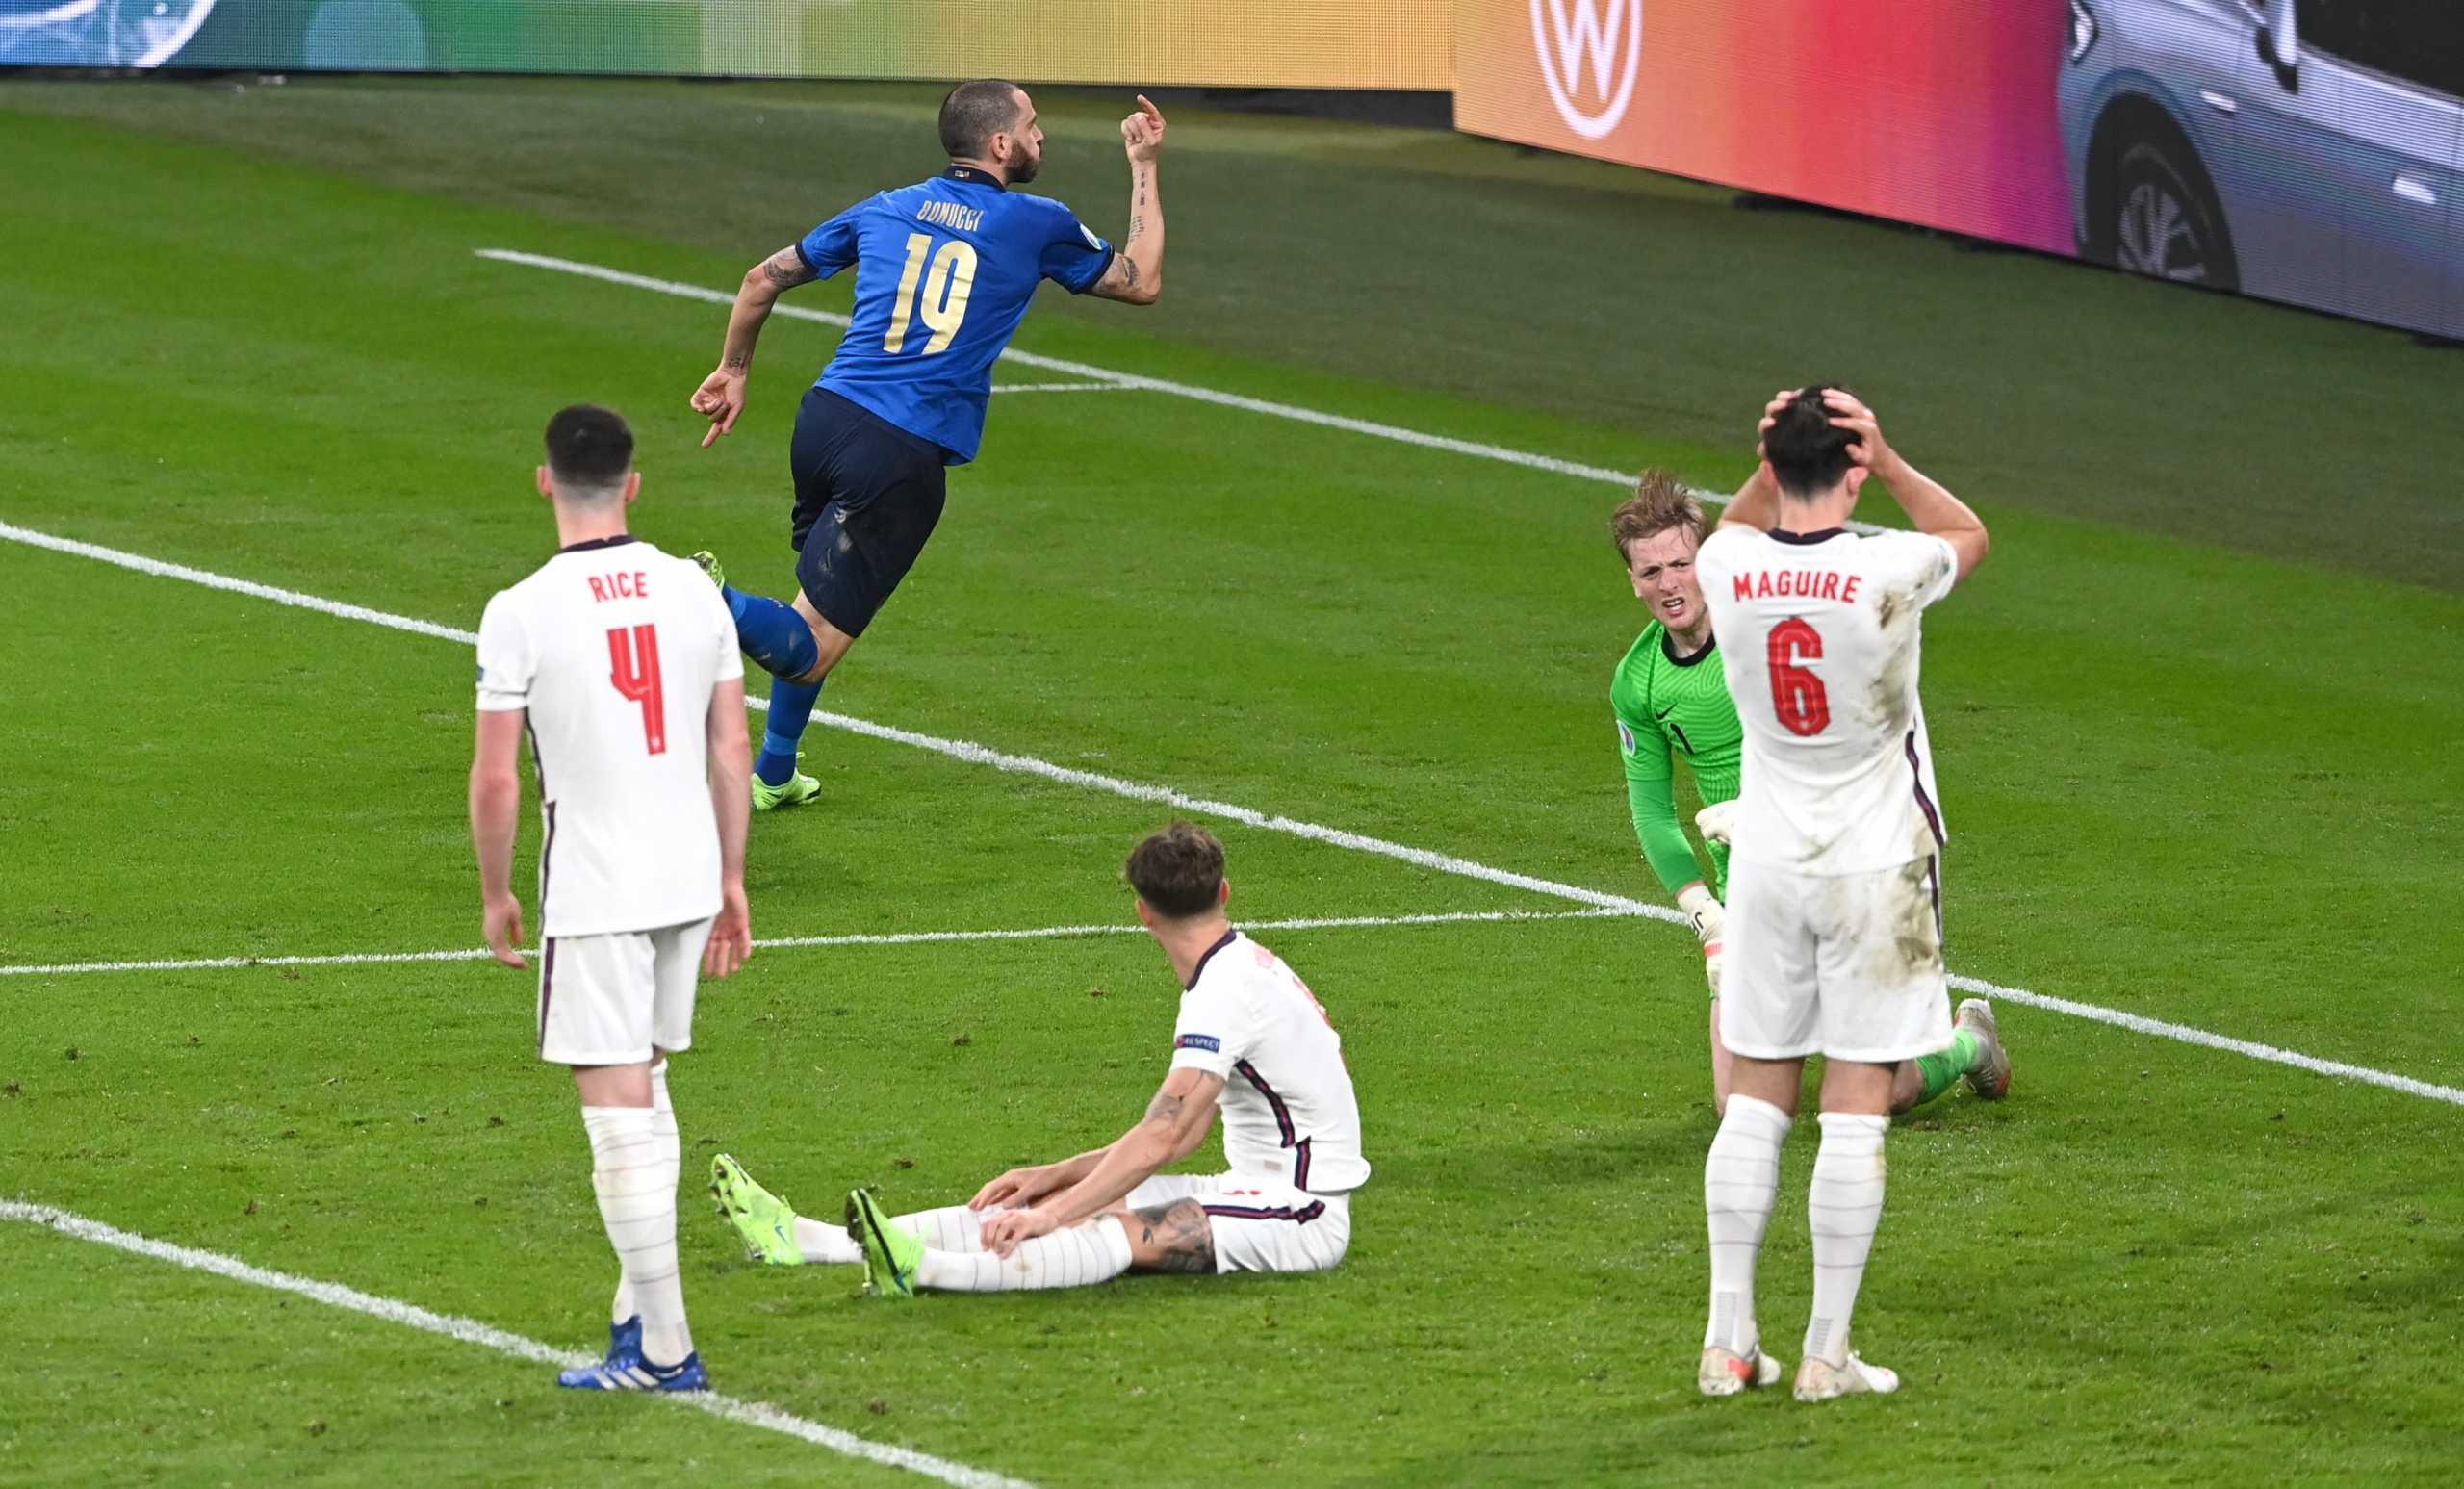 Euro 2020, Ιταλία – Αγγλία: Η ισοφάριση των Ιταλών στον τελικό